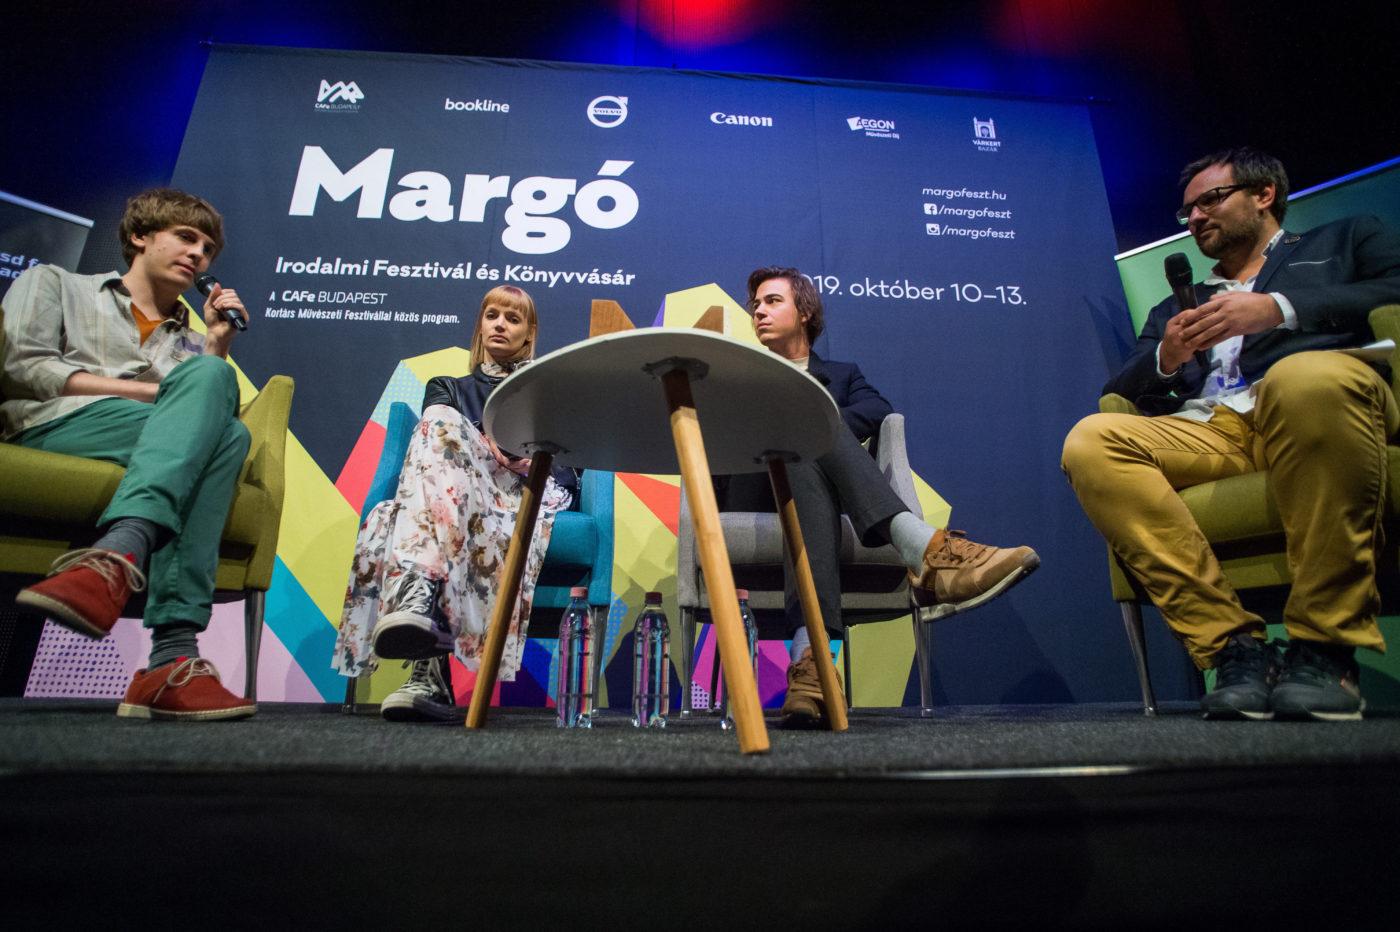 margo irodalmi fesztival 2020 oktober fellepok